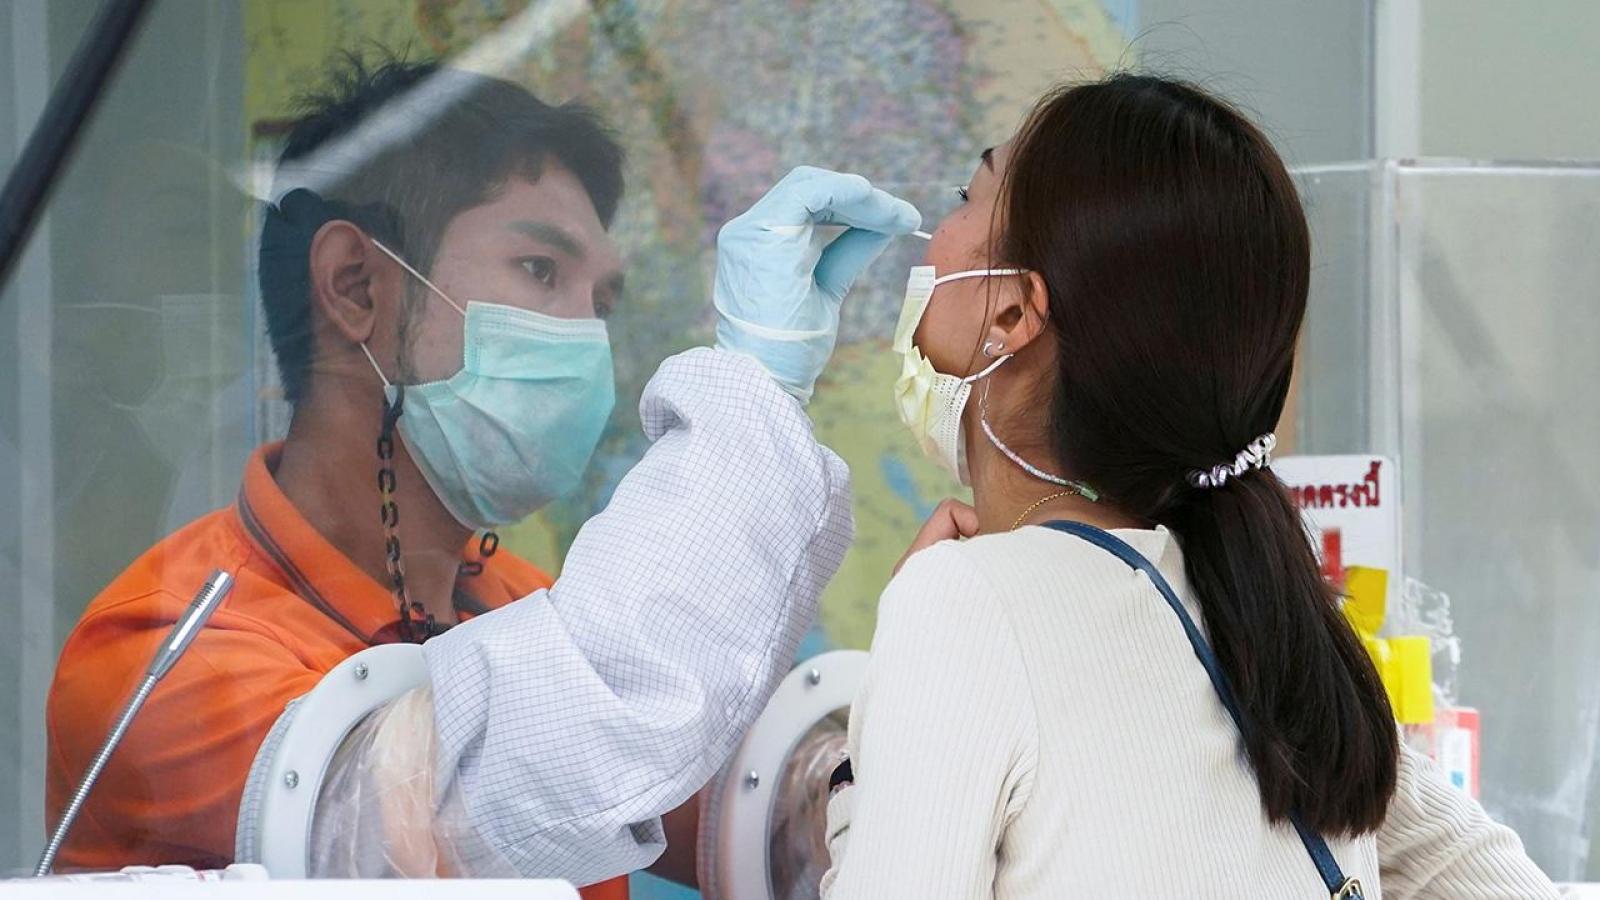 Thái Lan khuyến khích người dân ở vùng dịch làm việc tại nhà